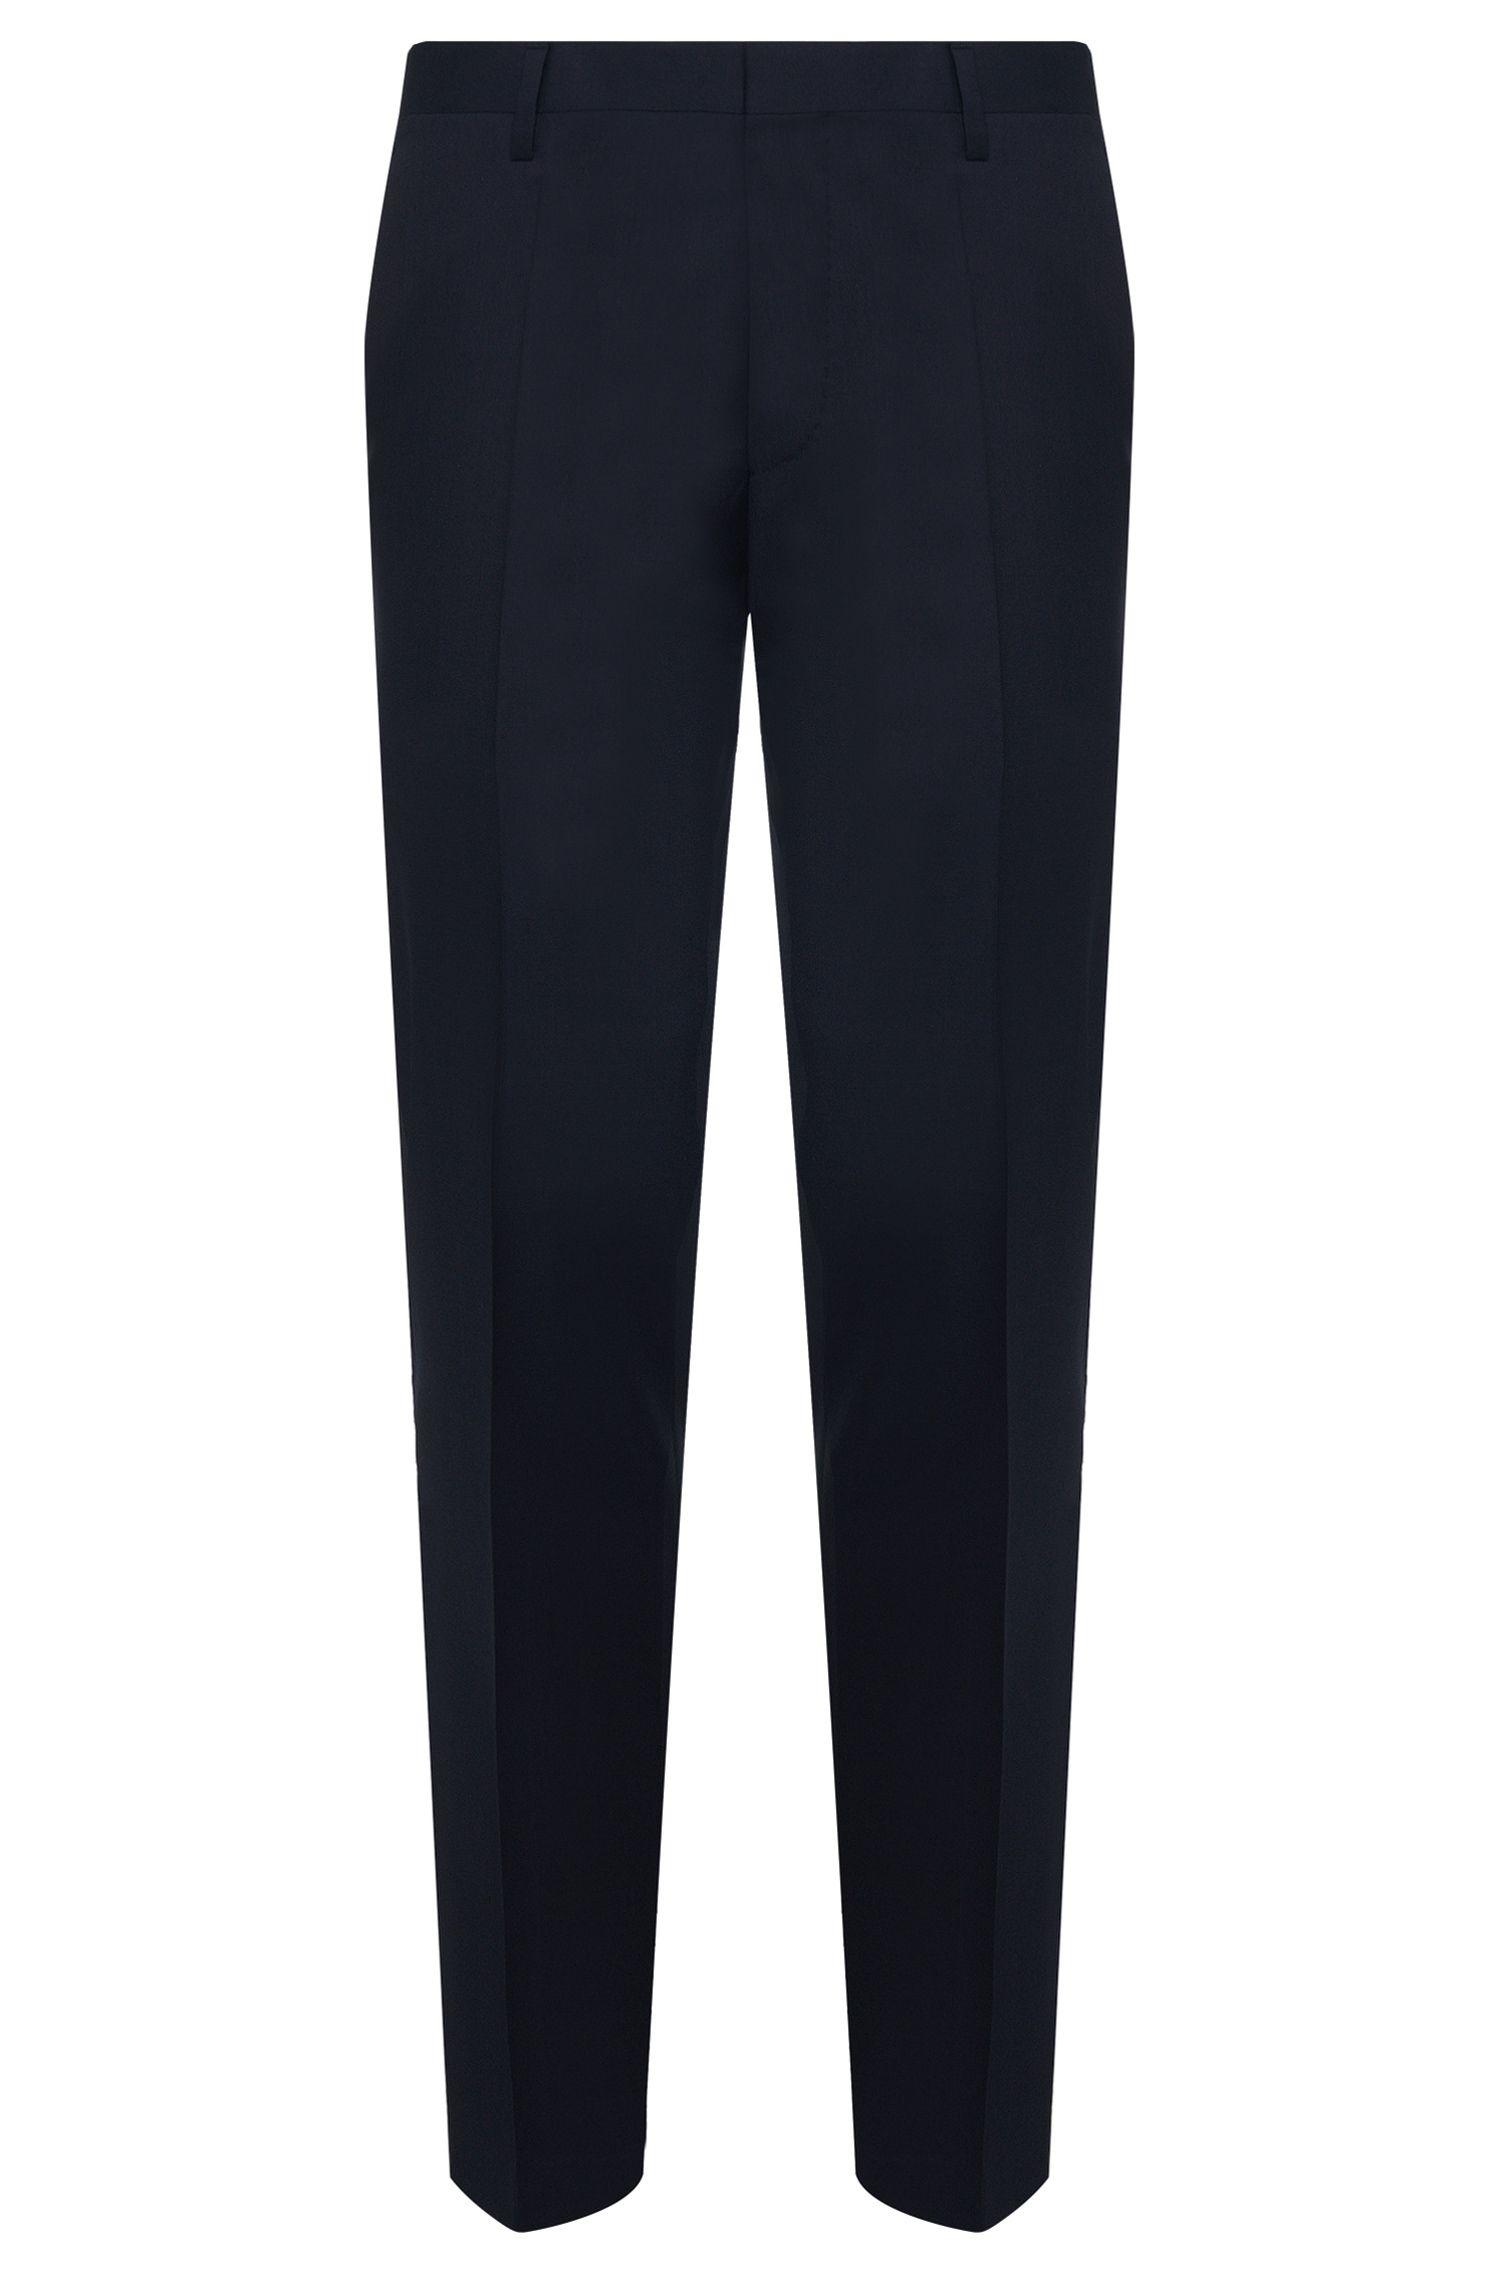 Pantalón slim fit en pura lana virgen